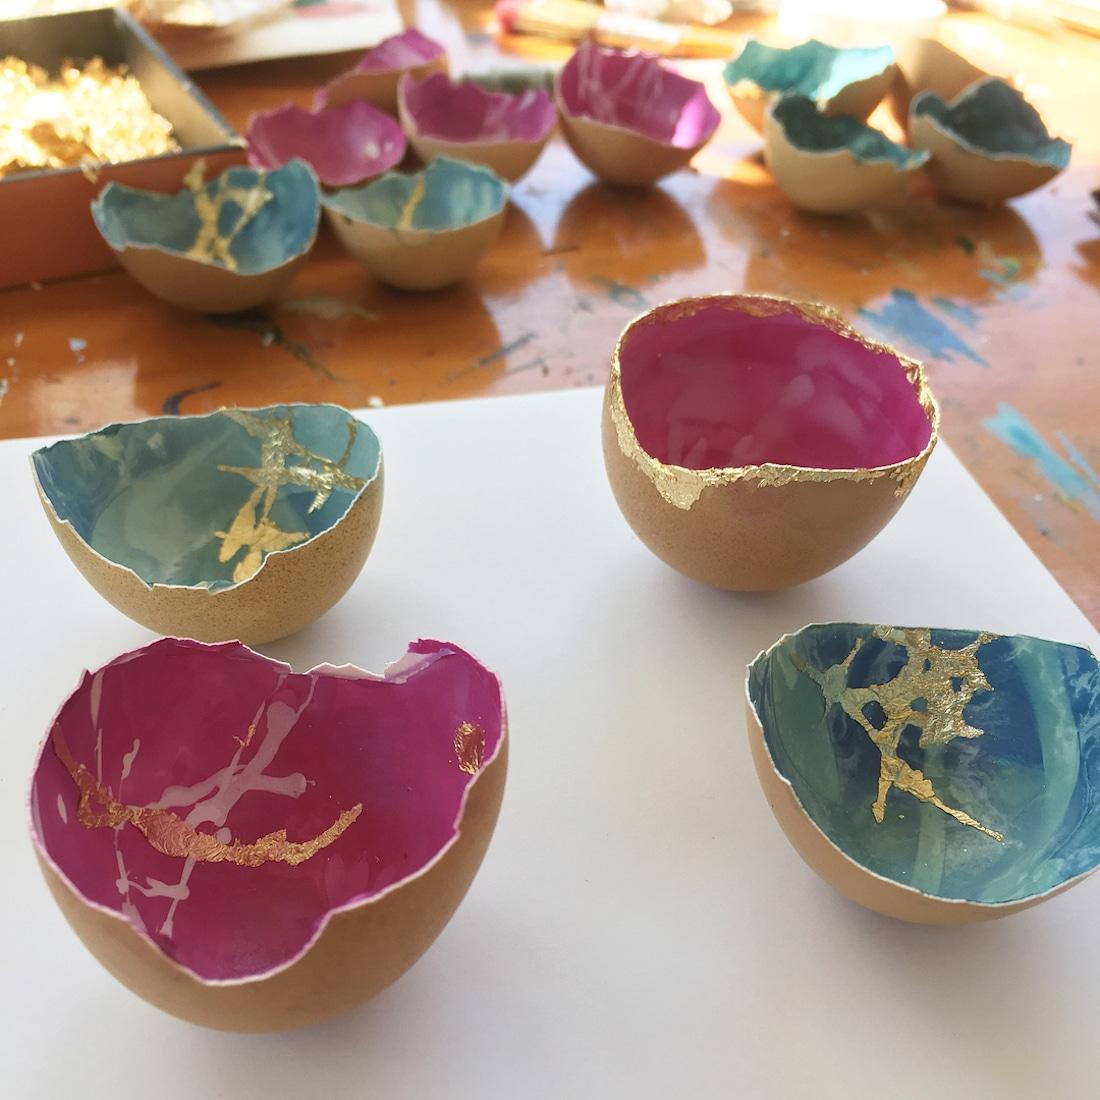 კვერცხი, მხატვრობა, გუაში, ხელოვნება, Qwelly, blog, qwellygraphy, art, photography